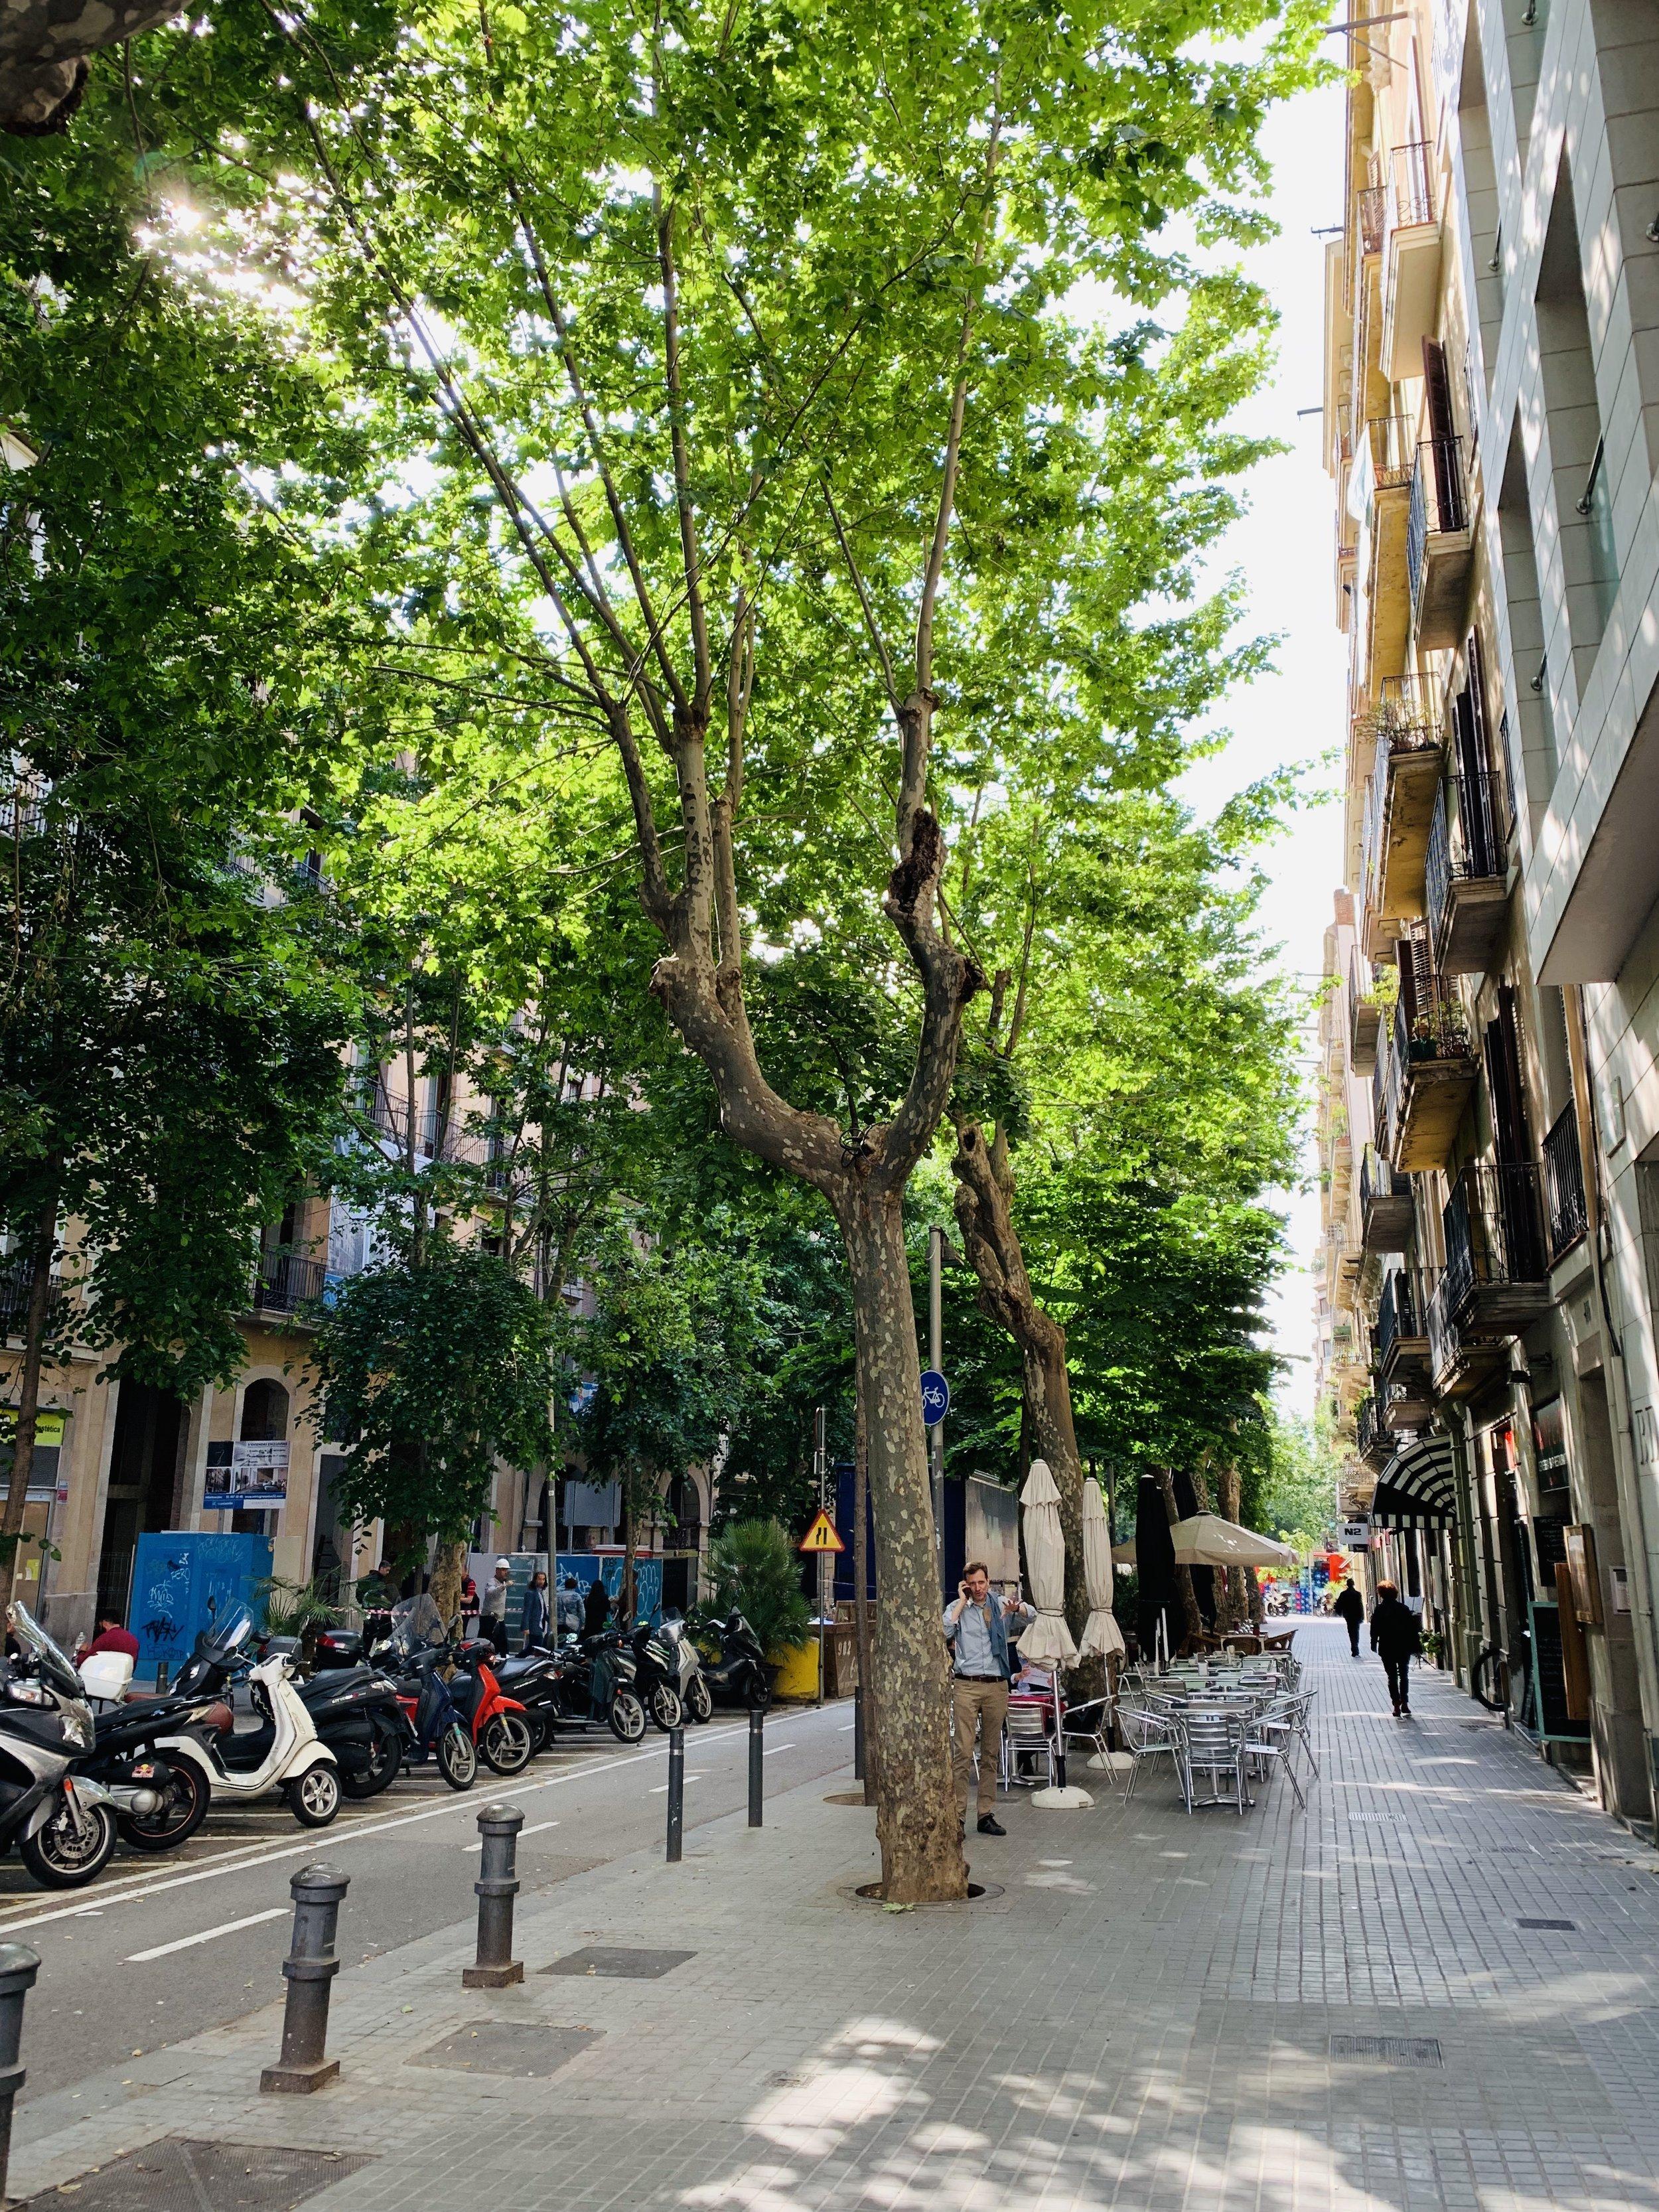 Barcelona neighborhood